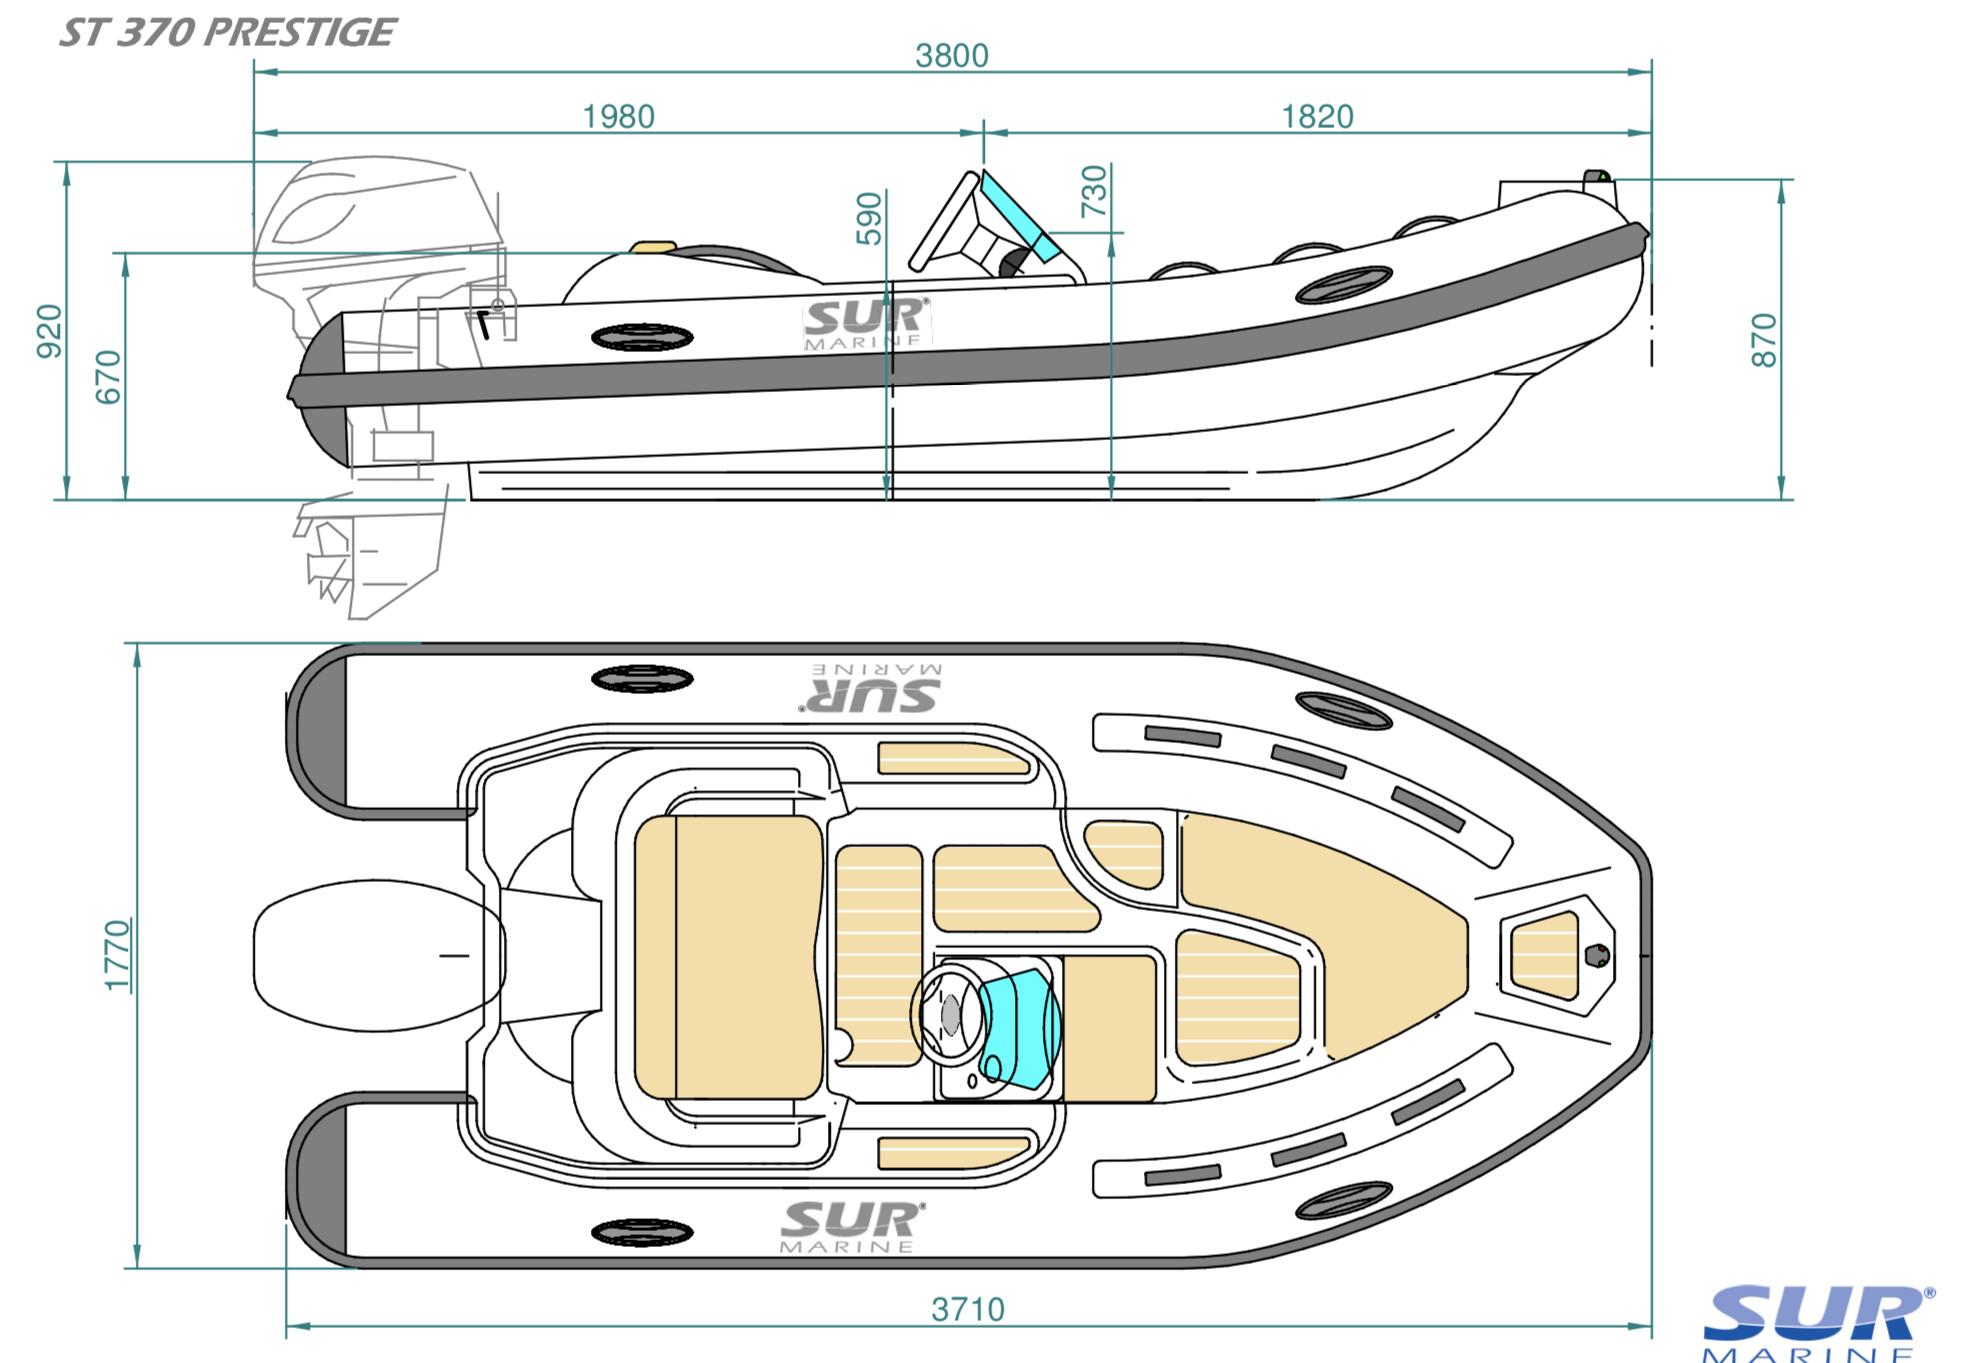 SUR Marine ST370 Prestige